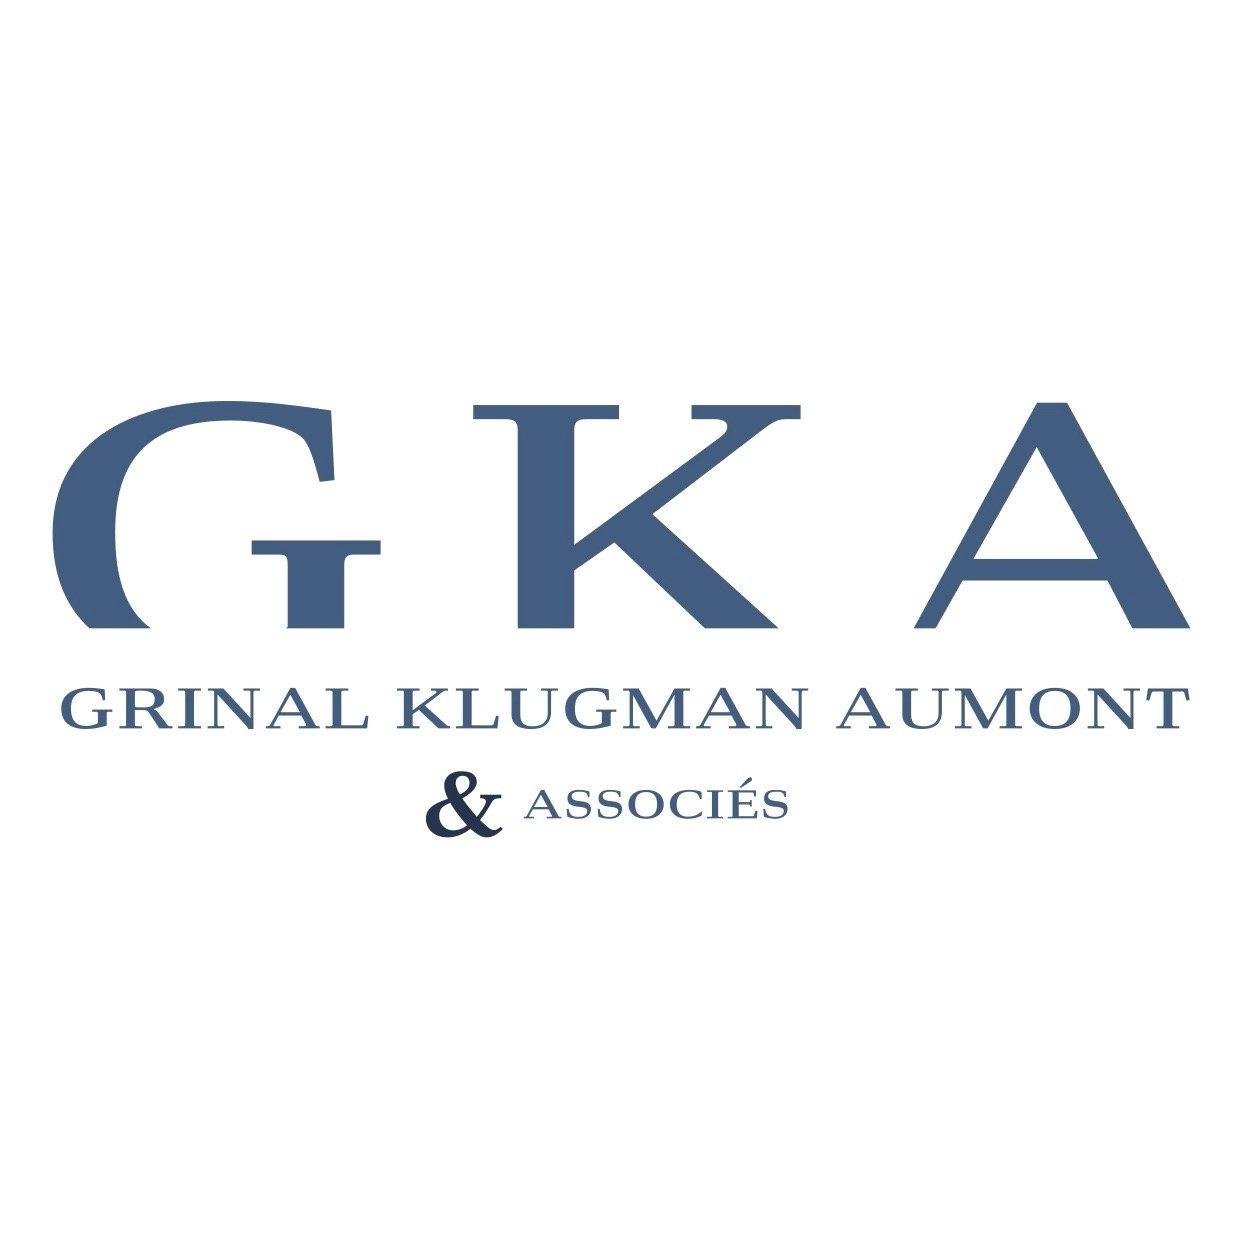 the Gka & Associés logo.